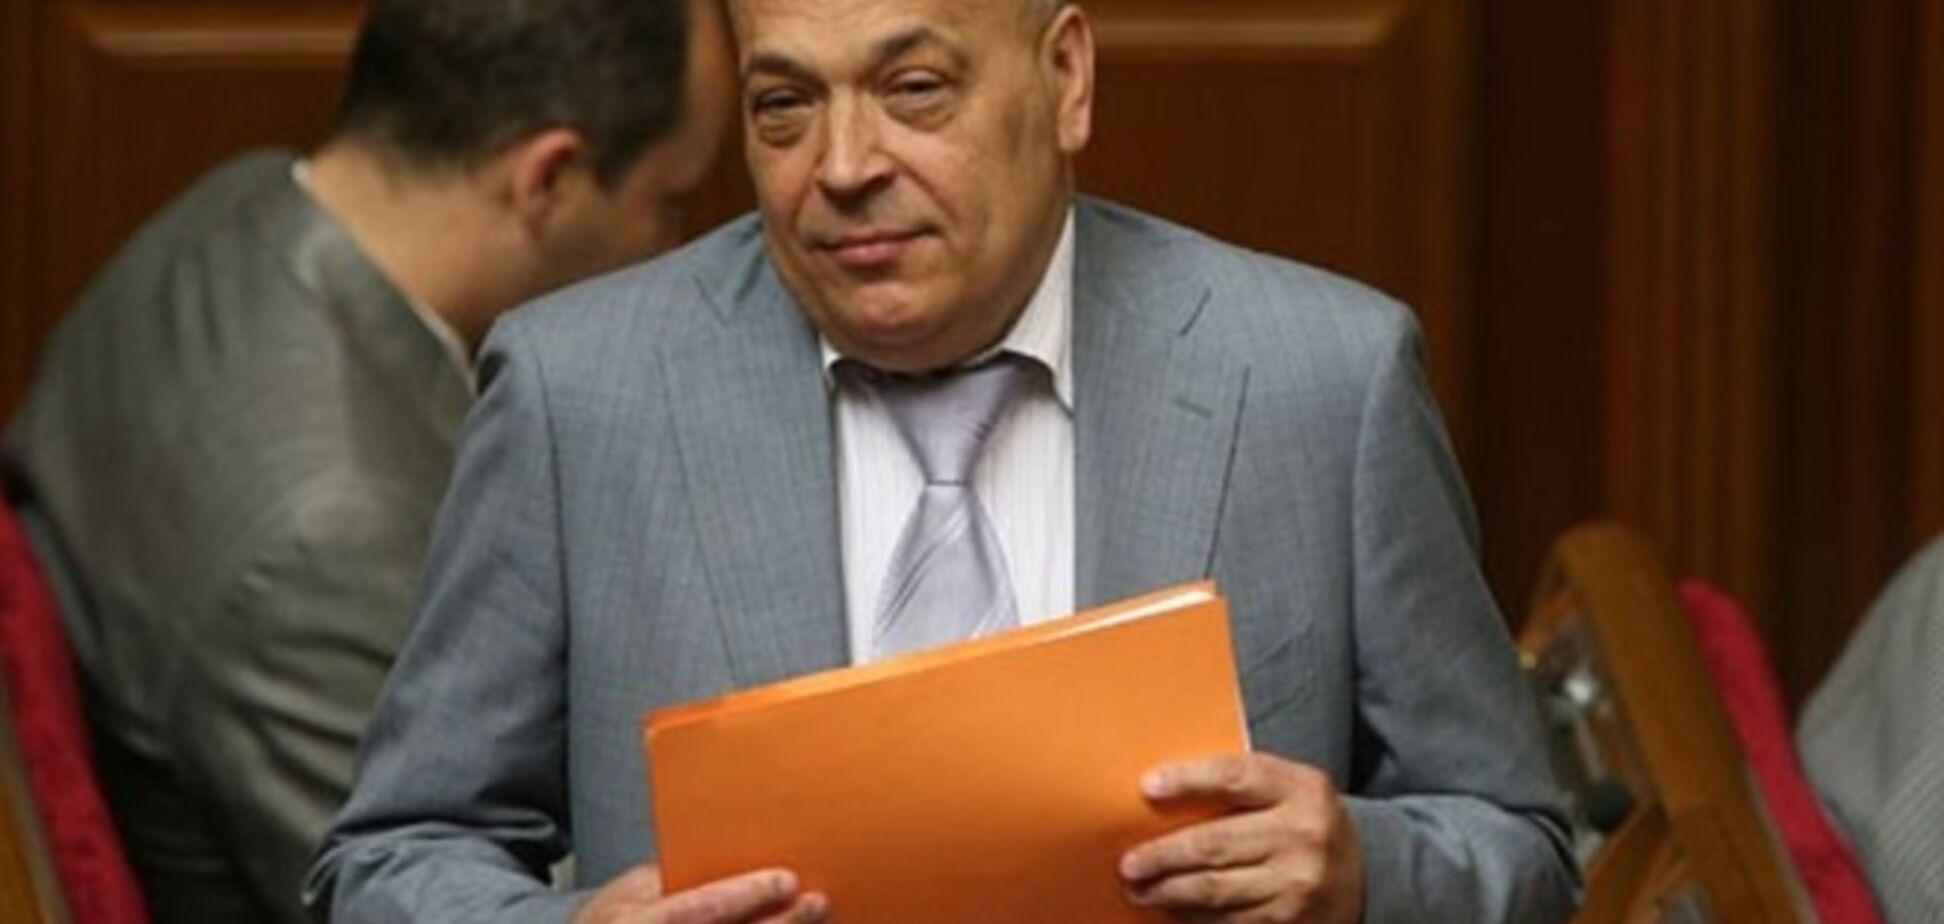 Москаль: бывшая власть передала в Крым резонансные дела, которыми Россия будет шантажировать политиков